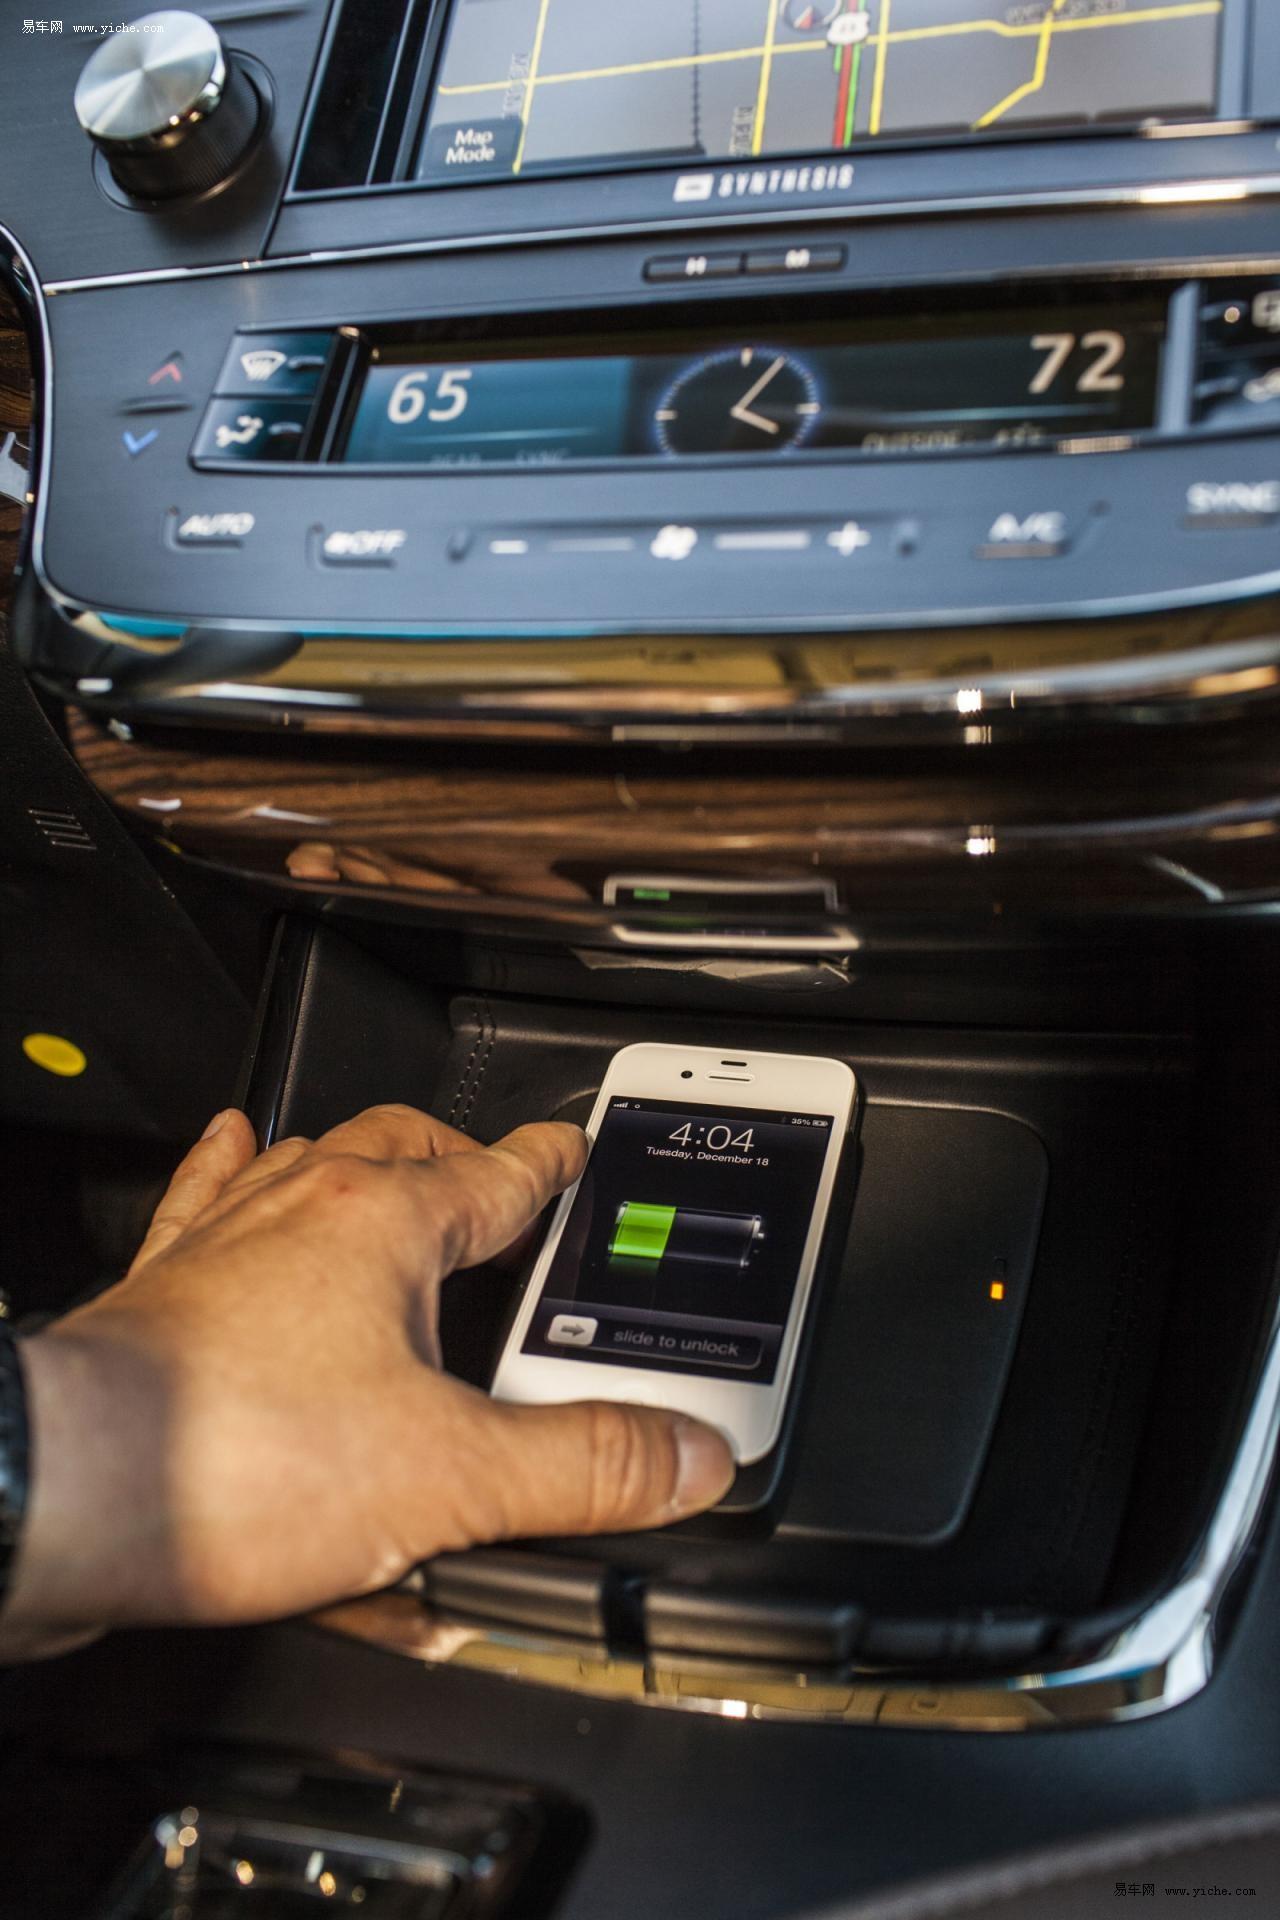 2013款丰田Avalon混动配备Qi无线充电技术